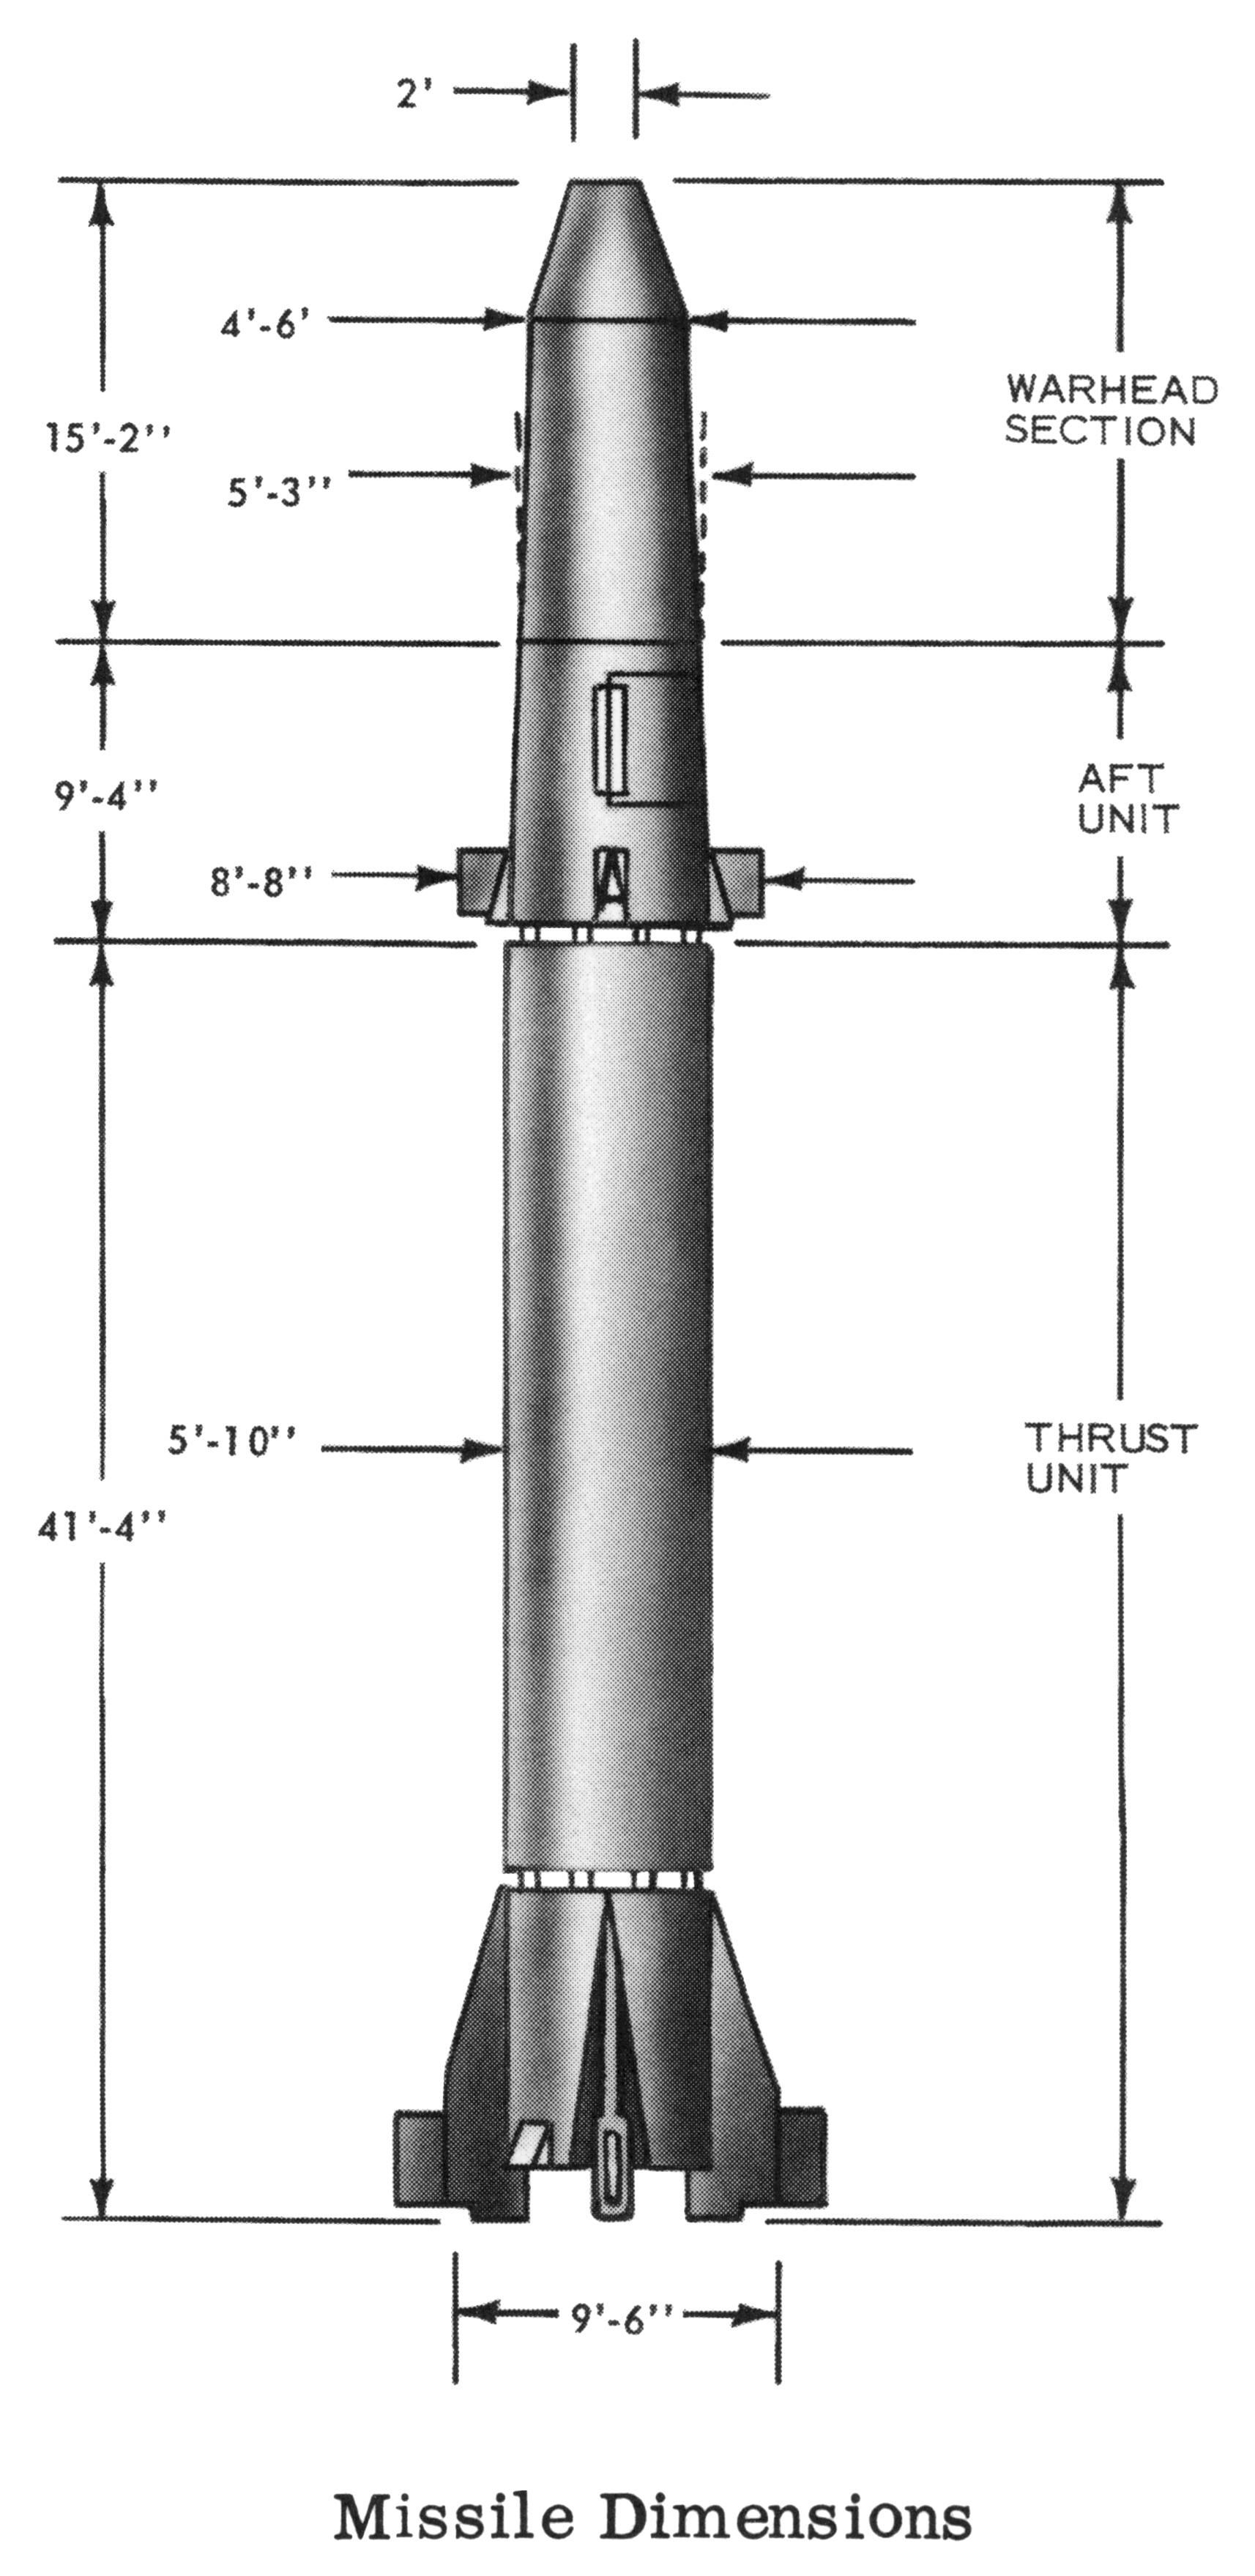 saturn rocket dimensions - HD1714×3519